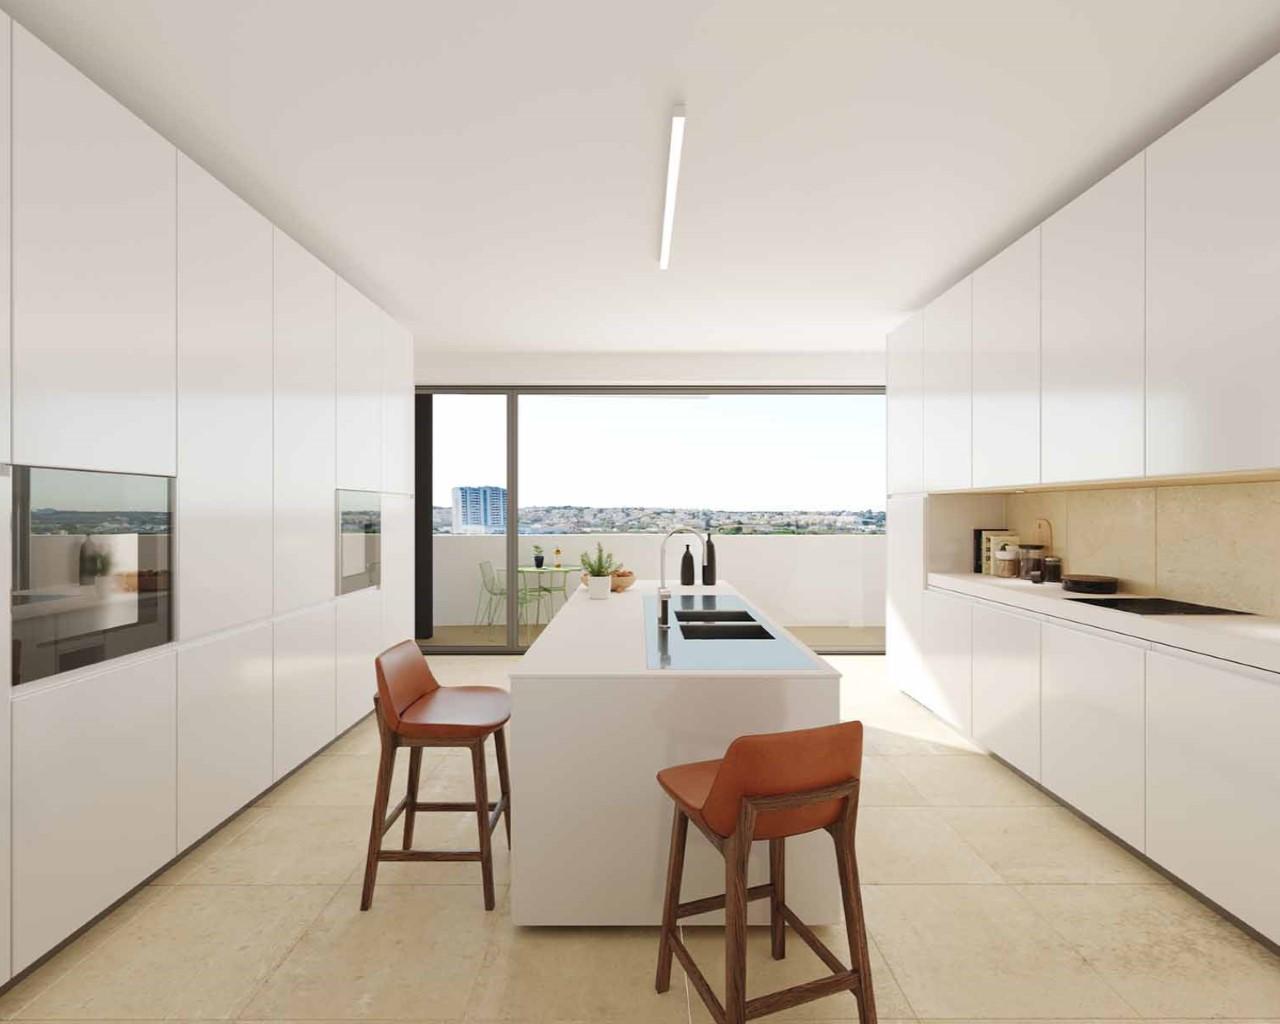 Cozinha - opção praia